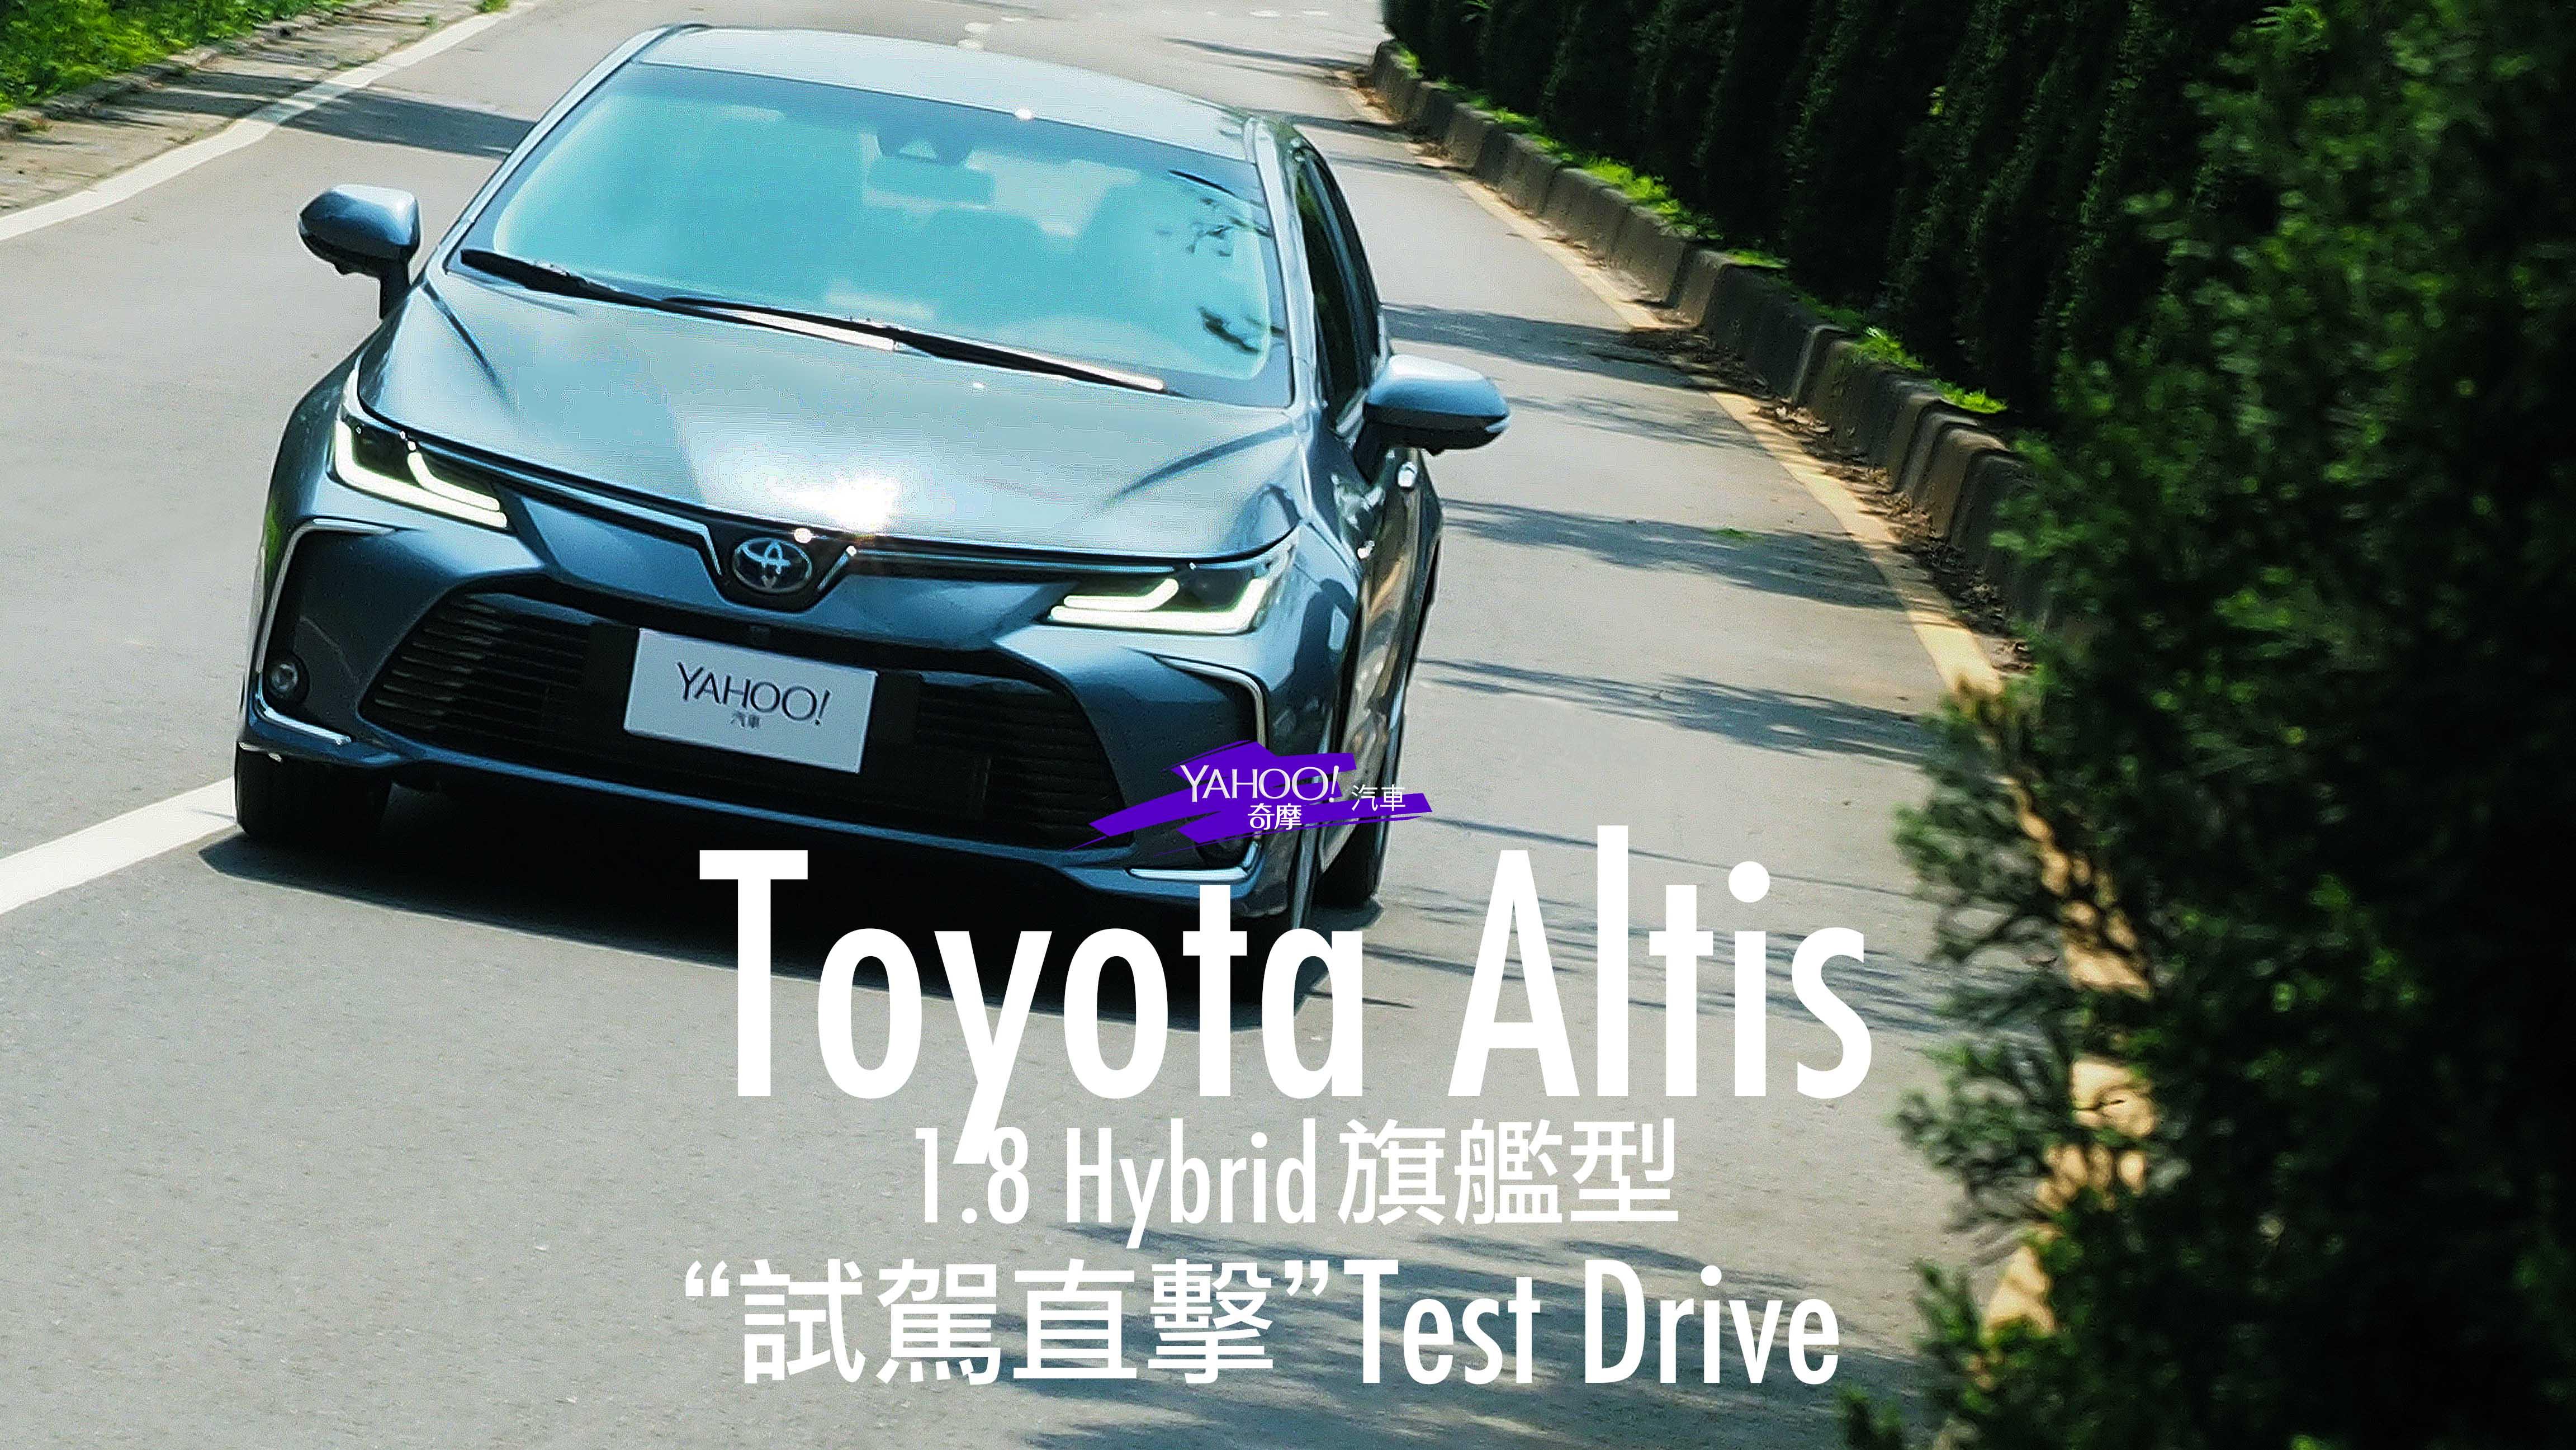 【試駕直擊】無愧Corolla之名!2019 Toyota Altis 1.8 Hybrid旗艦型試駕